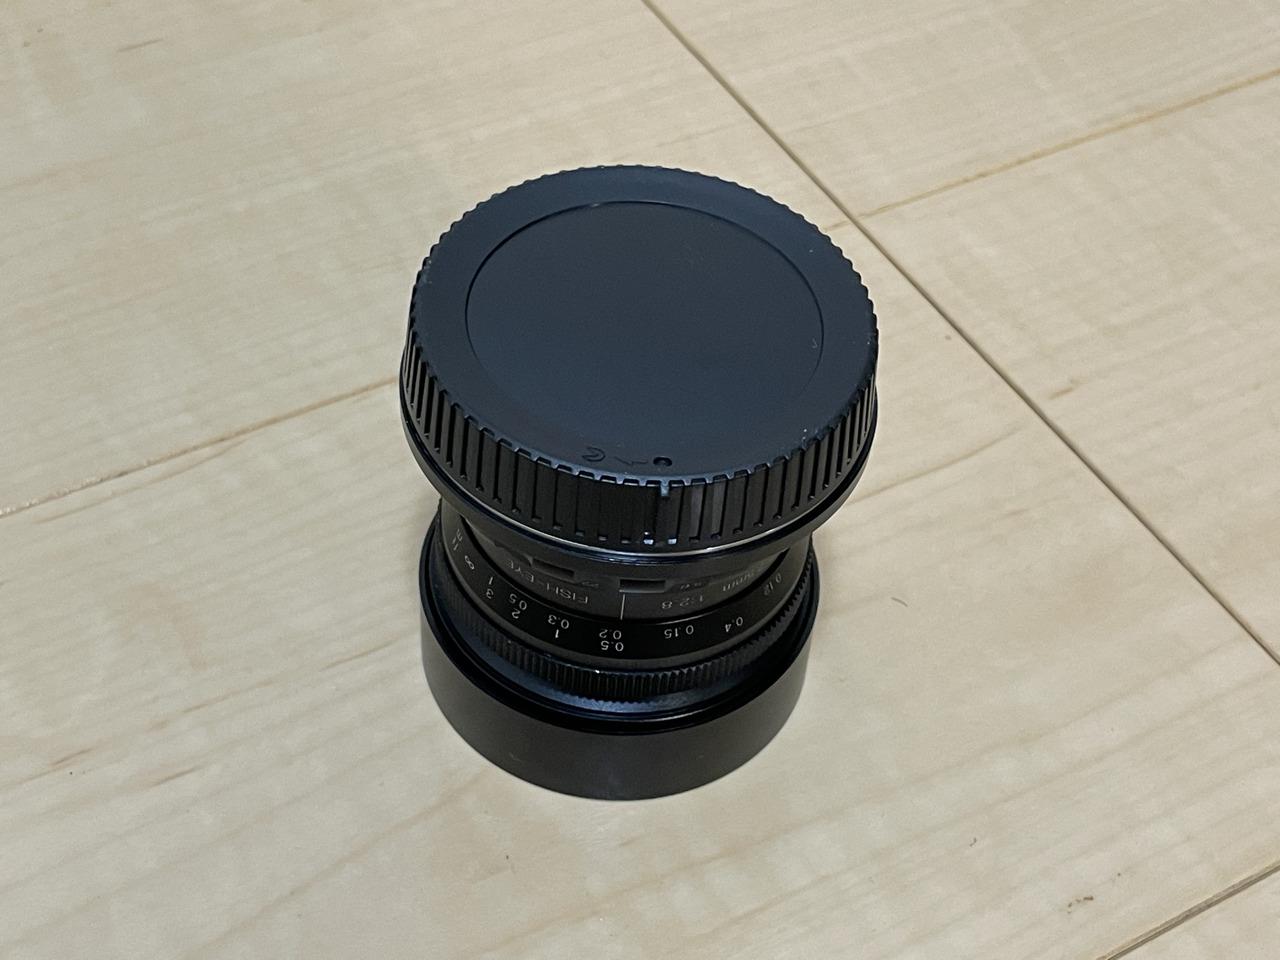 PERGEAR 7.5mm f2.8裏蓋